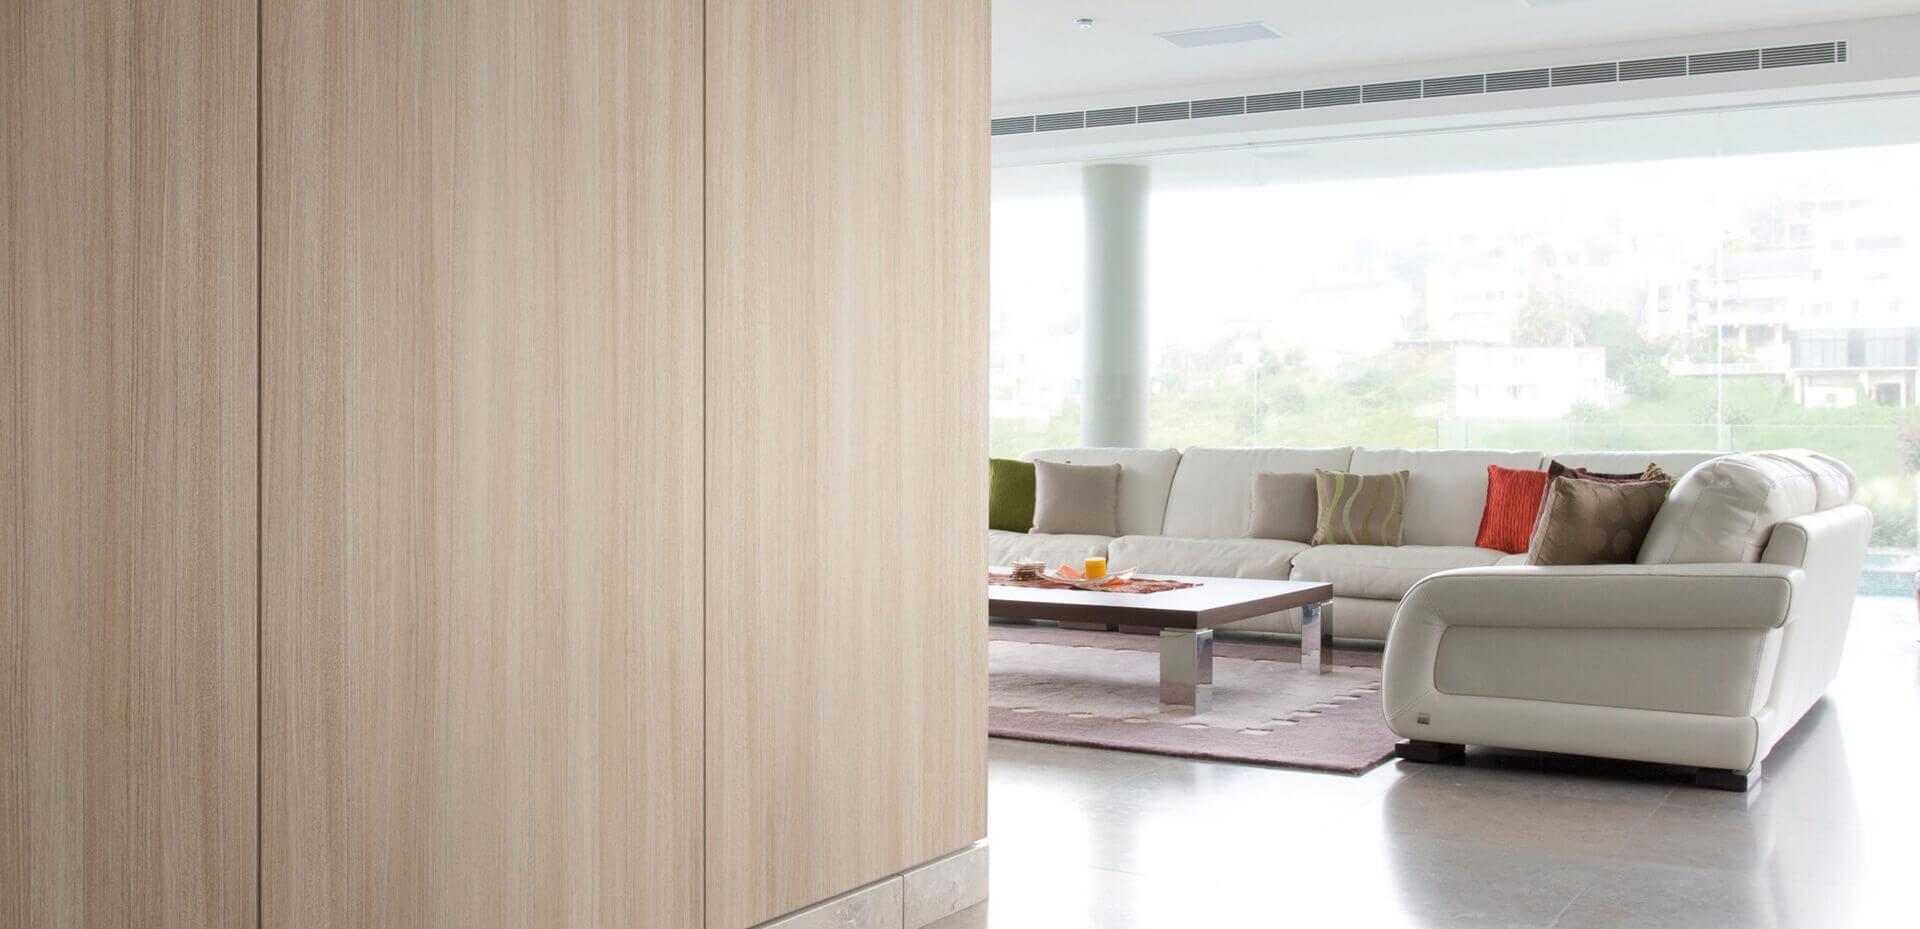 signvision.ch – Interior Design